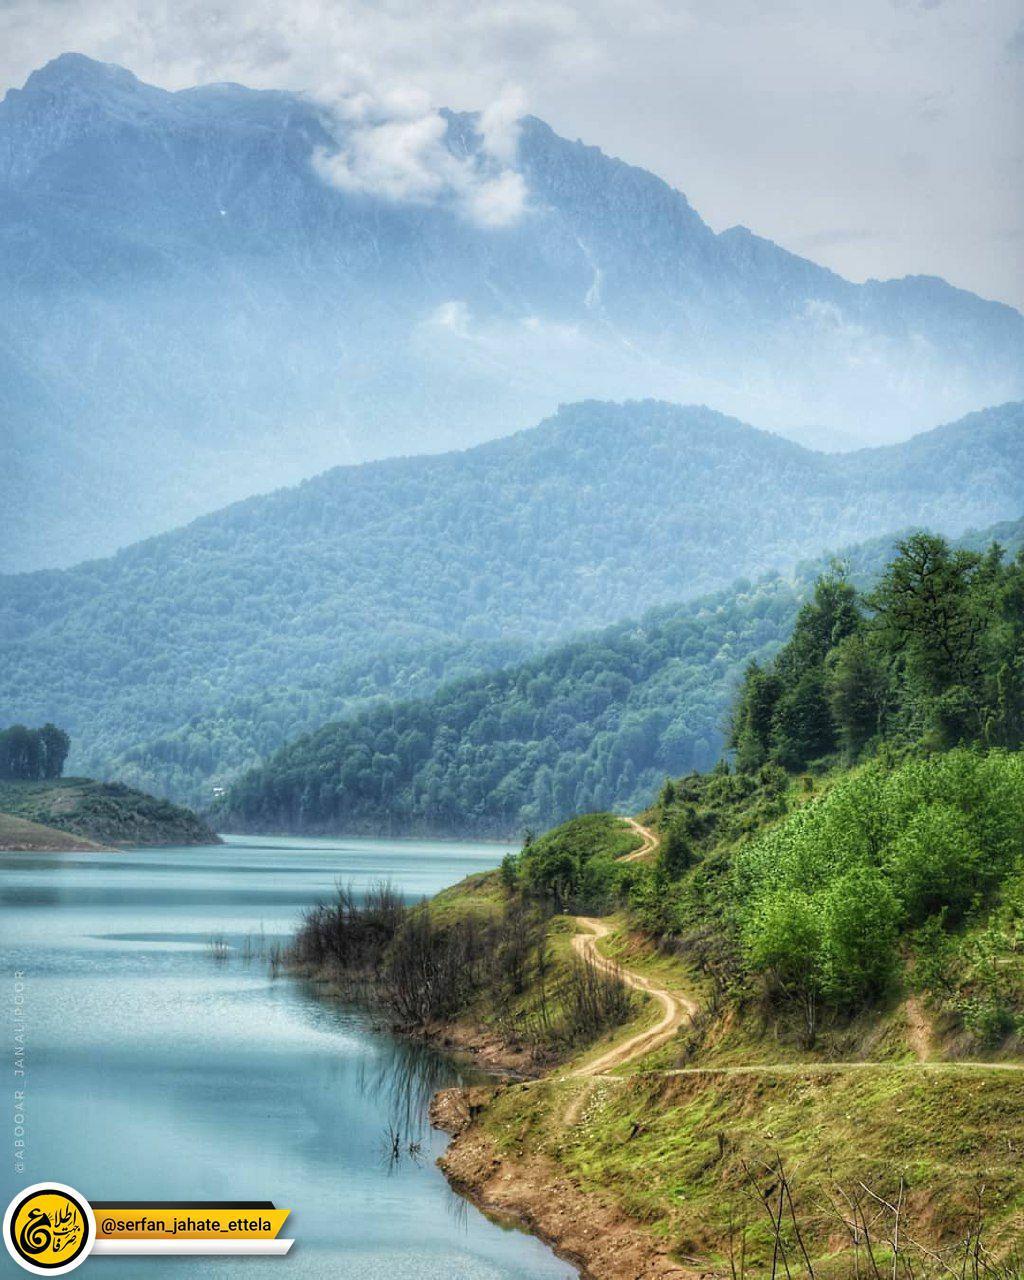 این نمای حیرت انگیز تلفیقی از دریاچه زیبای بیجار و کوههای درفک استان گیلان است